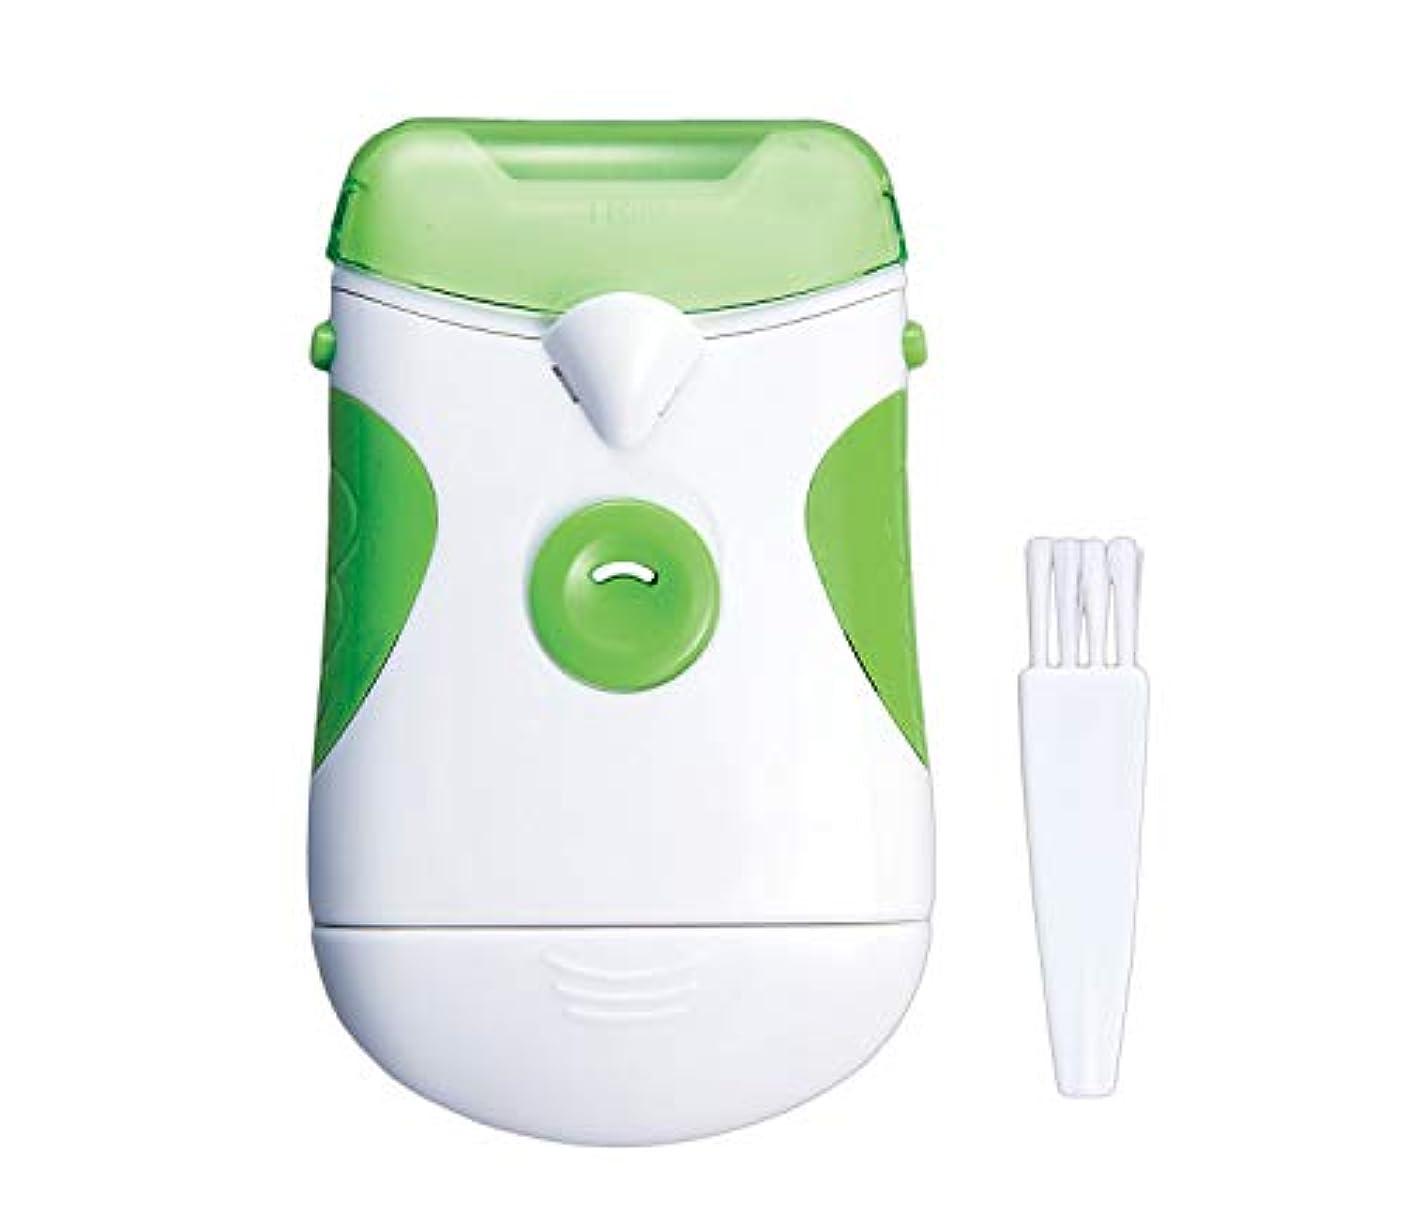 事実メトリック母電動爪やすり(ライト付) つめやすり 電池式 コードレス 足の爪 老眼 ネイルケア 水洗い可 単三乾電池